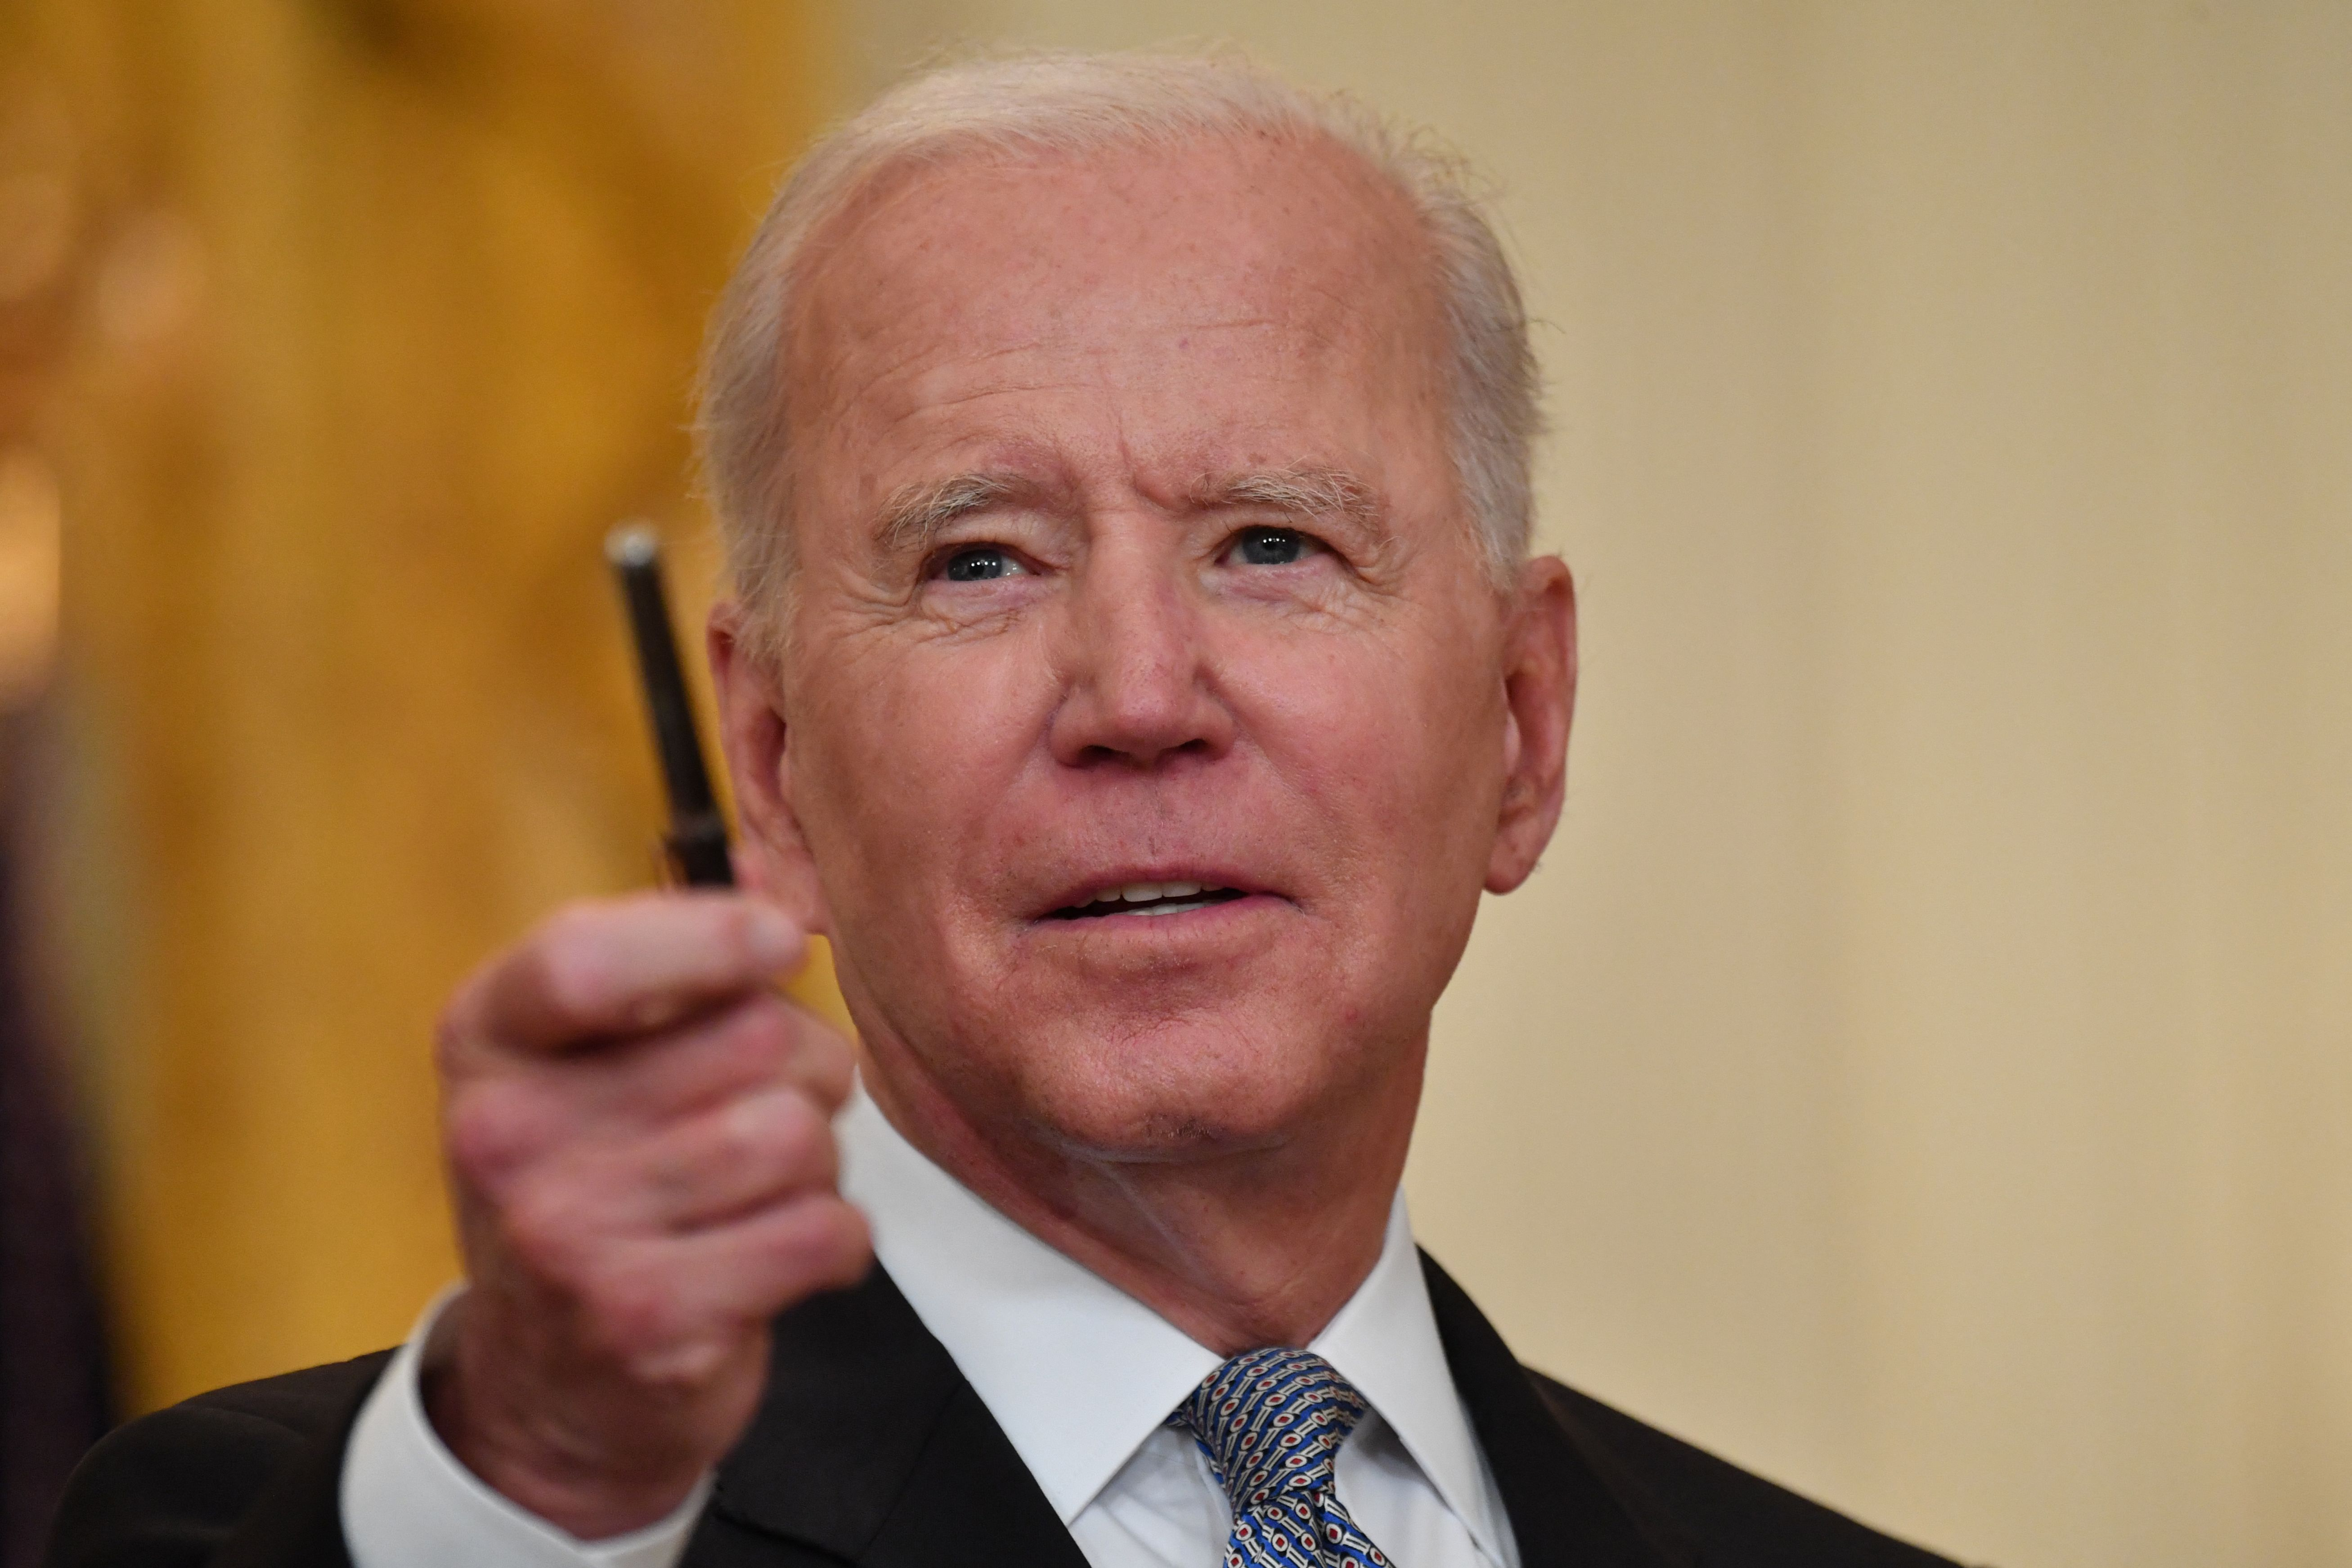 Biden's Shameful, Conservative Stance Against Legal Pot in D.C.